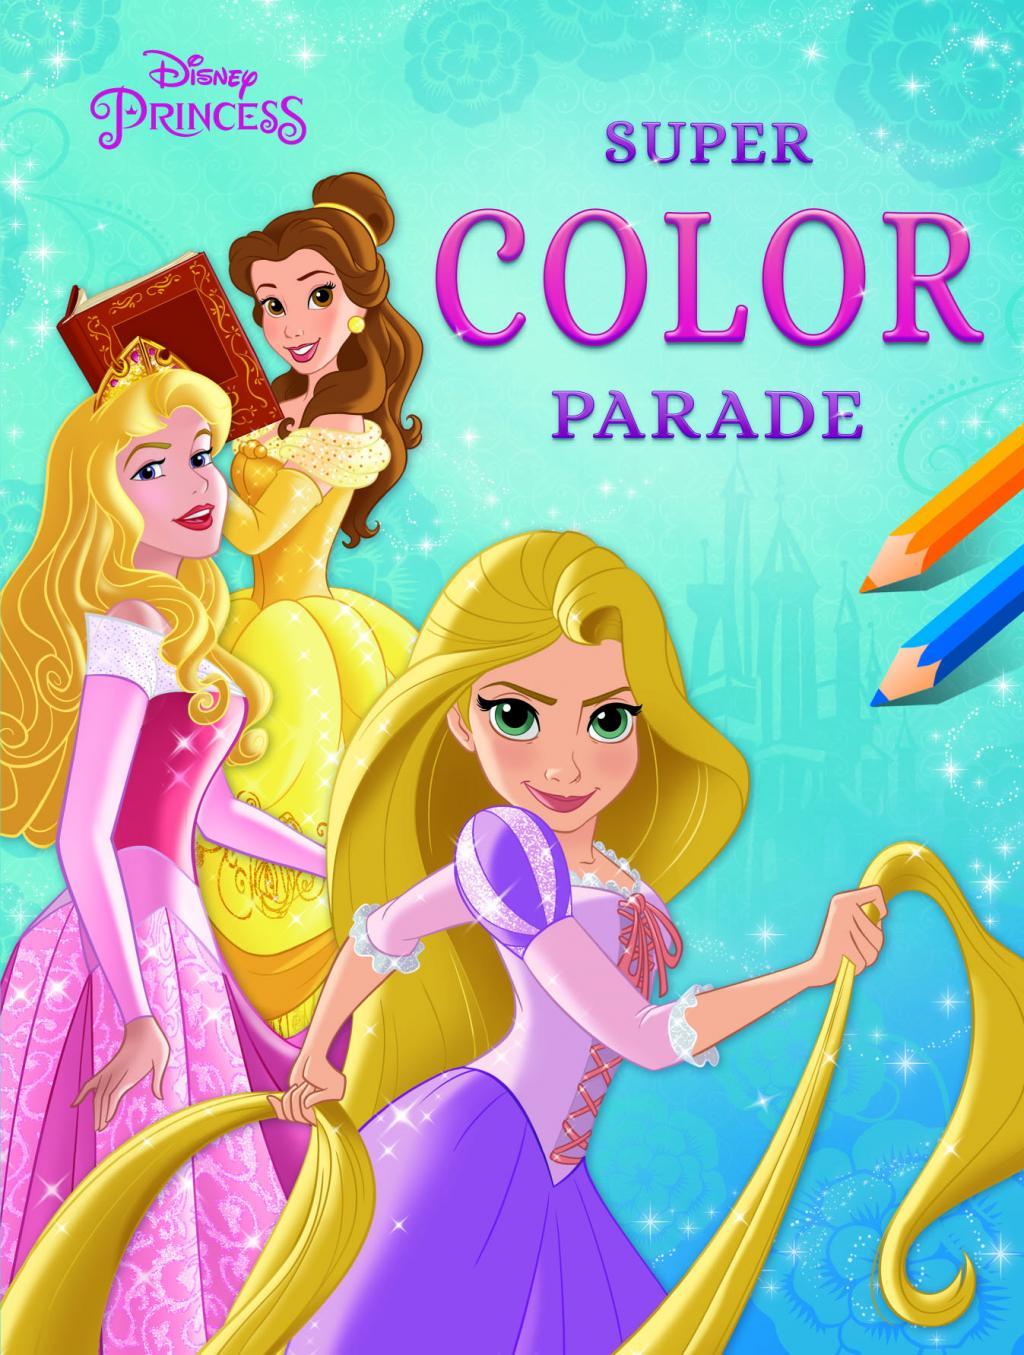 Disney - Super Color Parade Princess